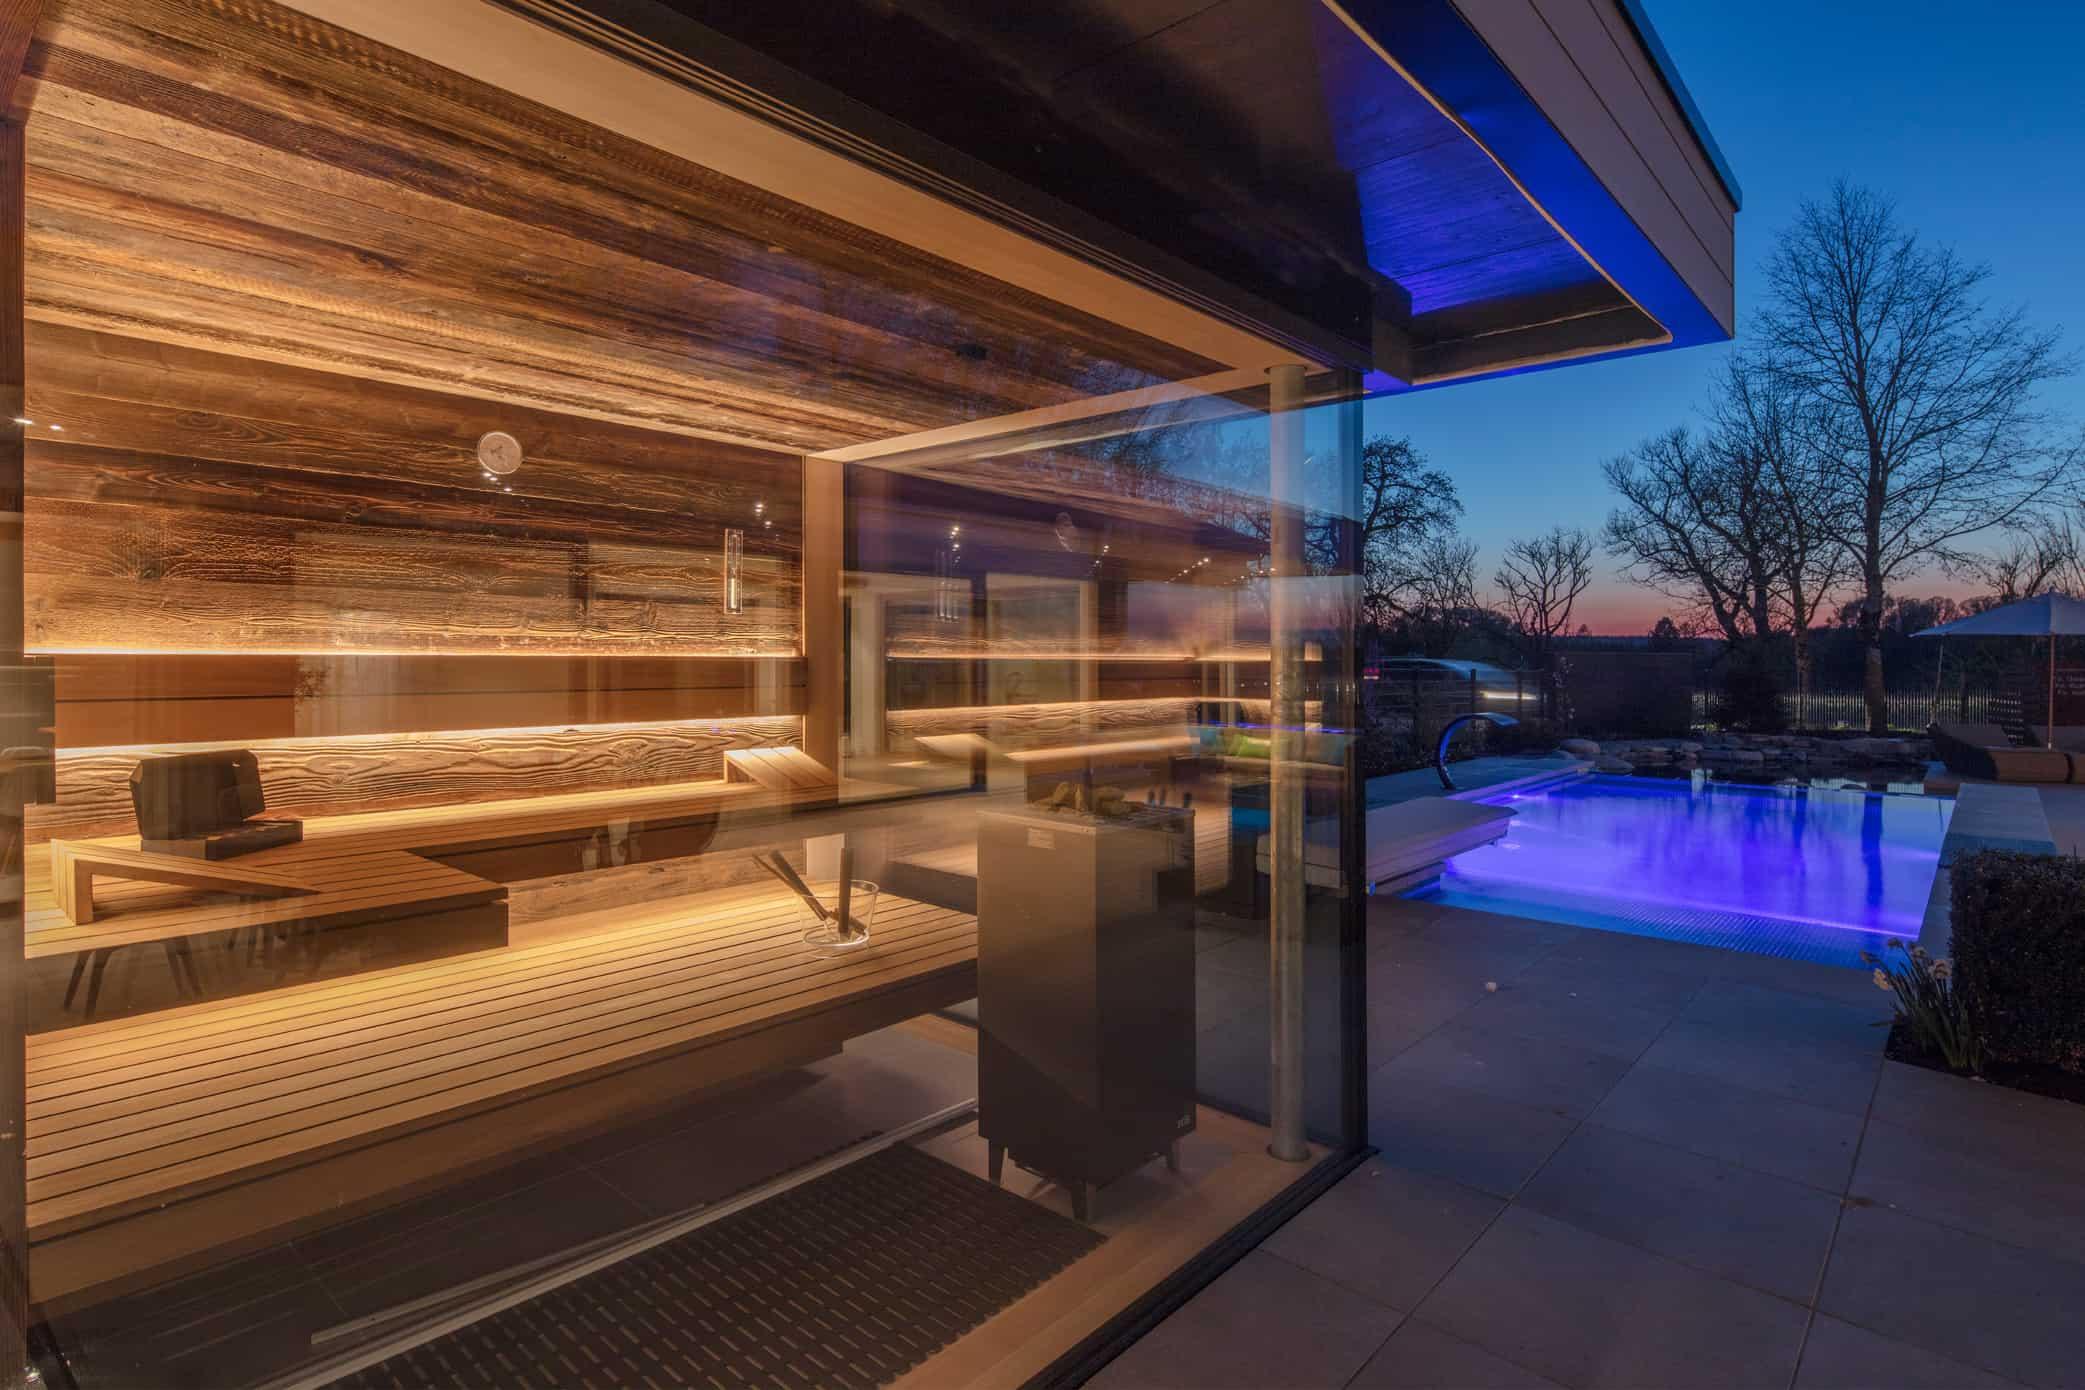 Hervorragend Corso Saunamanufaktur sorgt für Ihre Wellness-Oase im eigenen Zuhause TK17